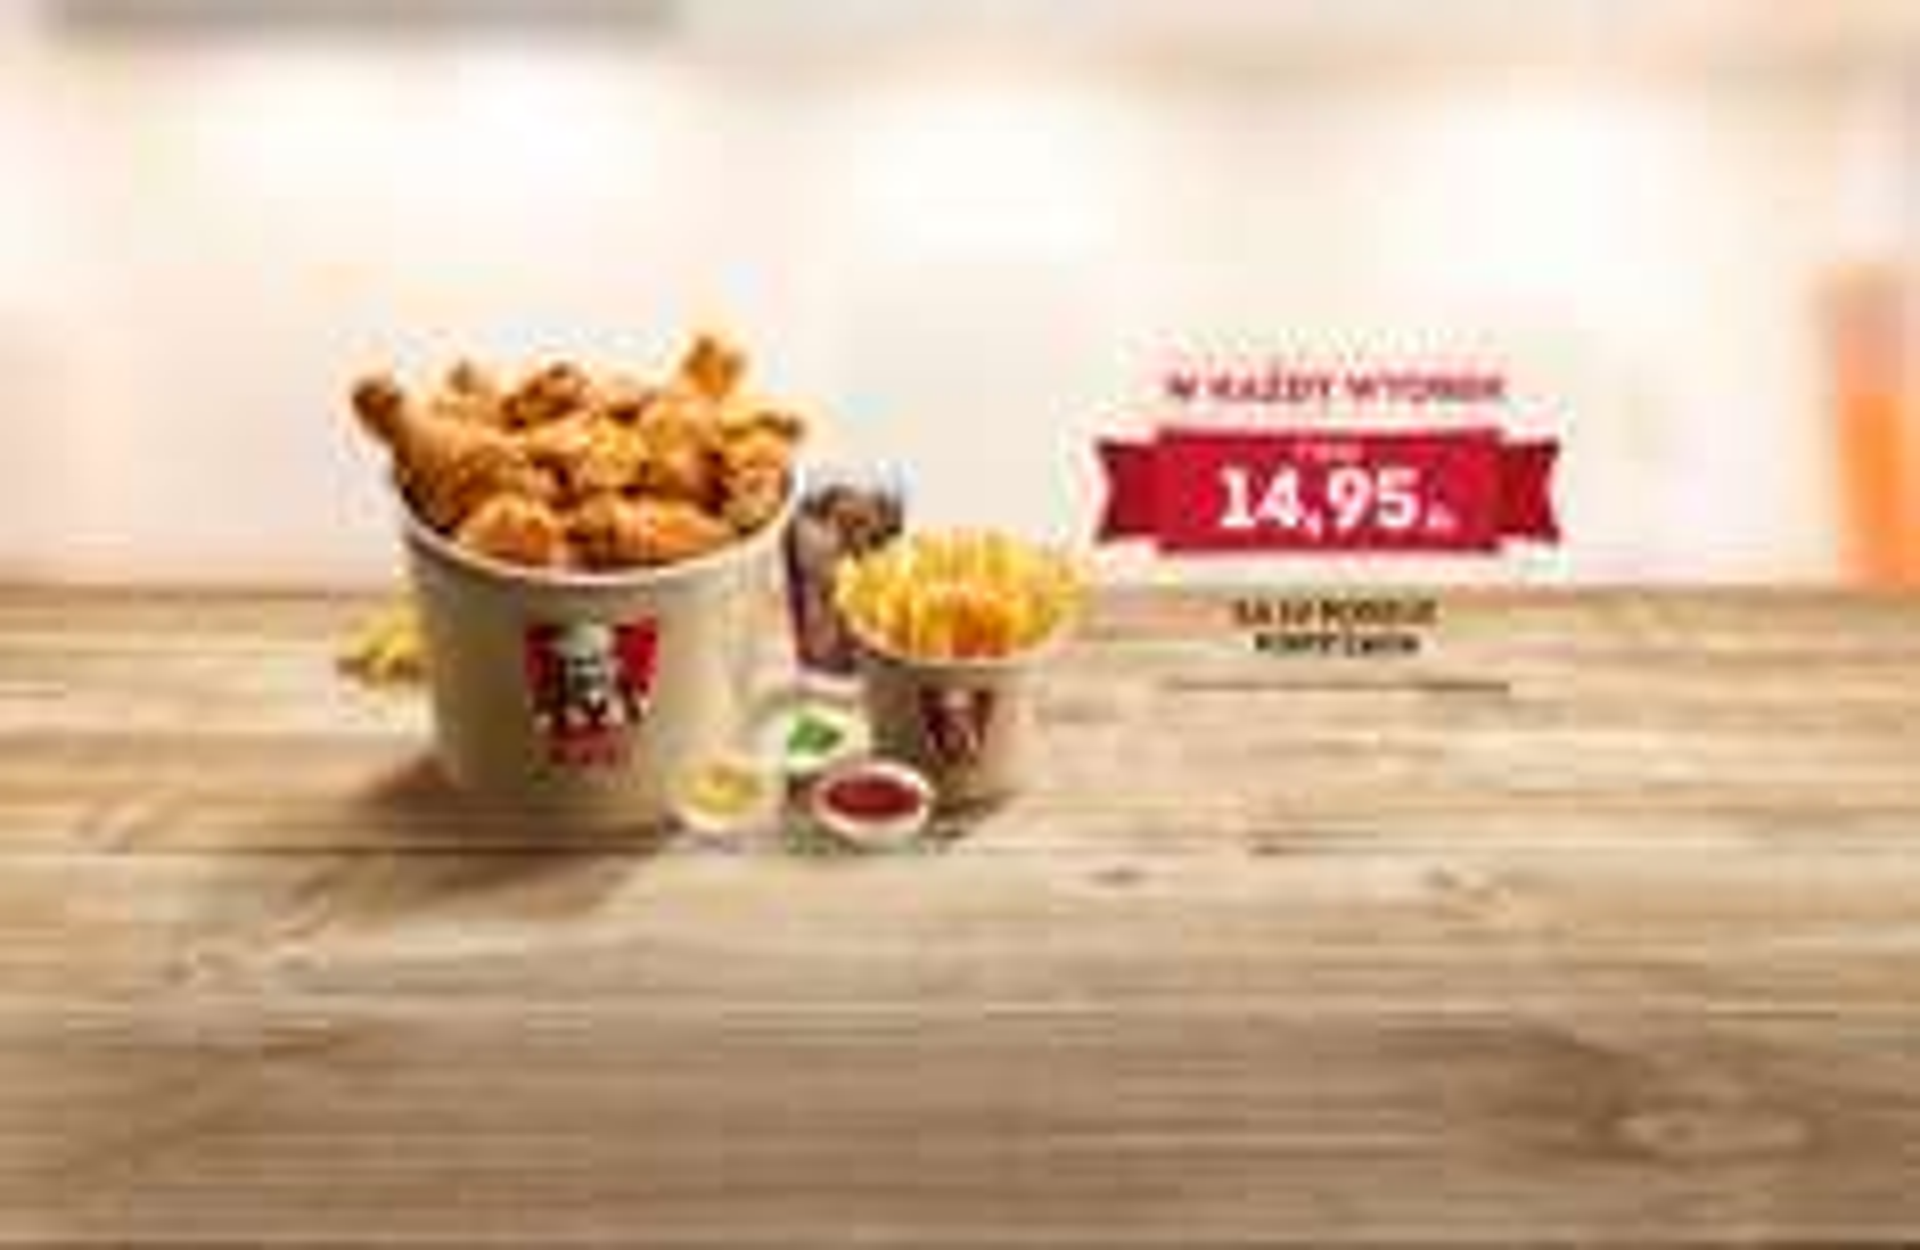 Wtorkowe kubełki w cenie 14,95zł wracają @ KFC